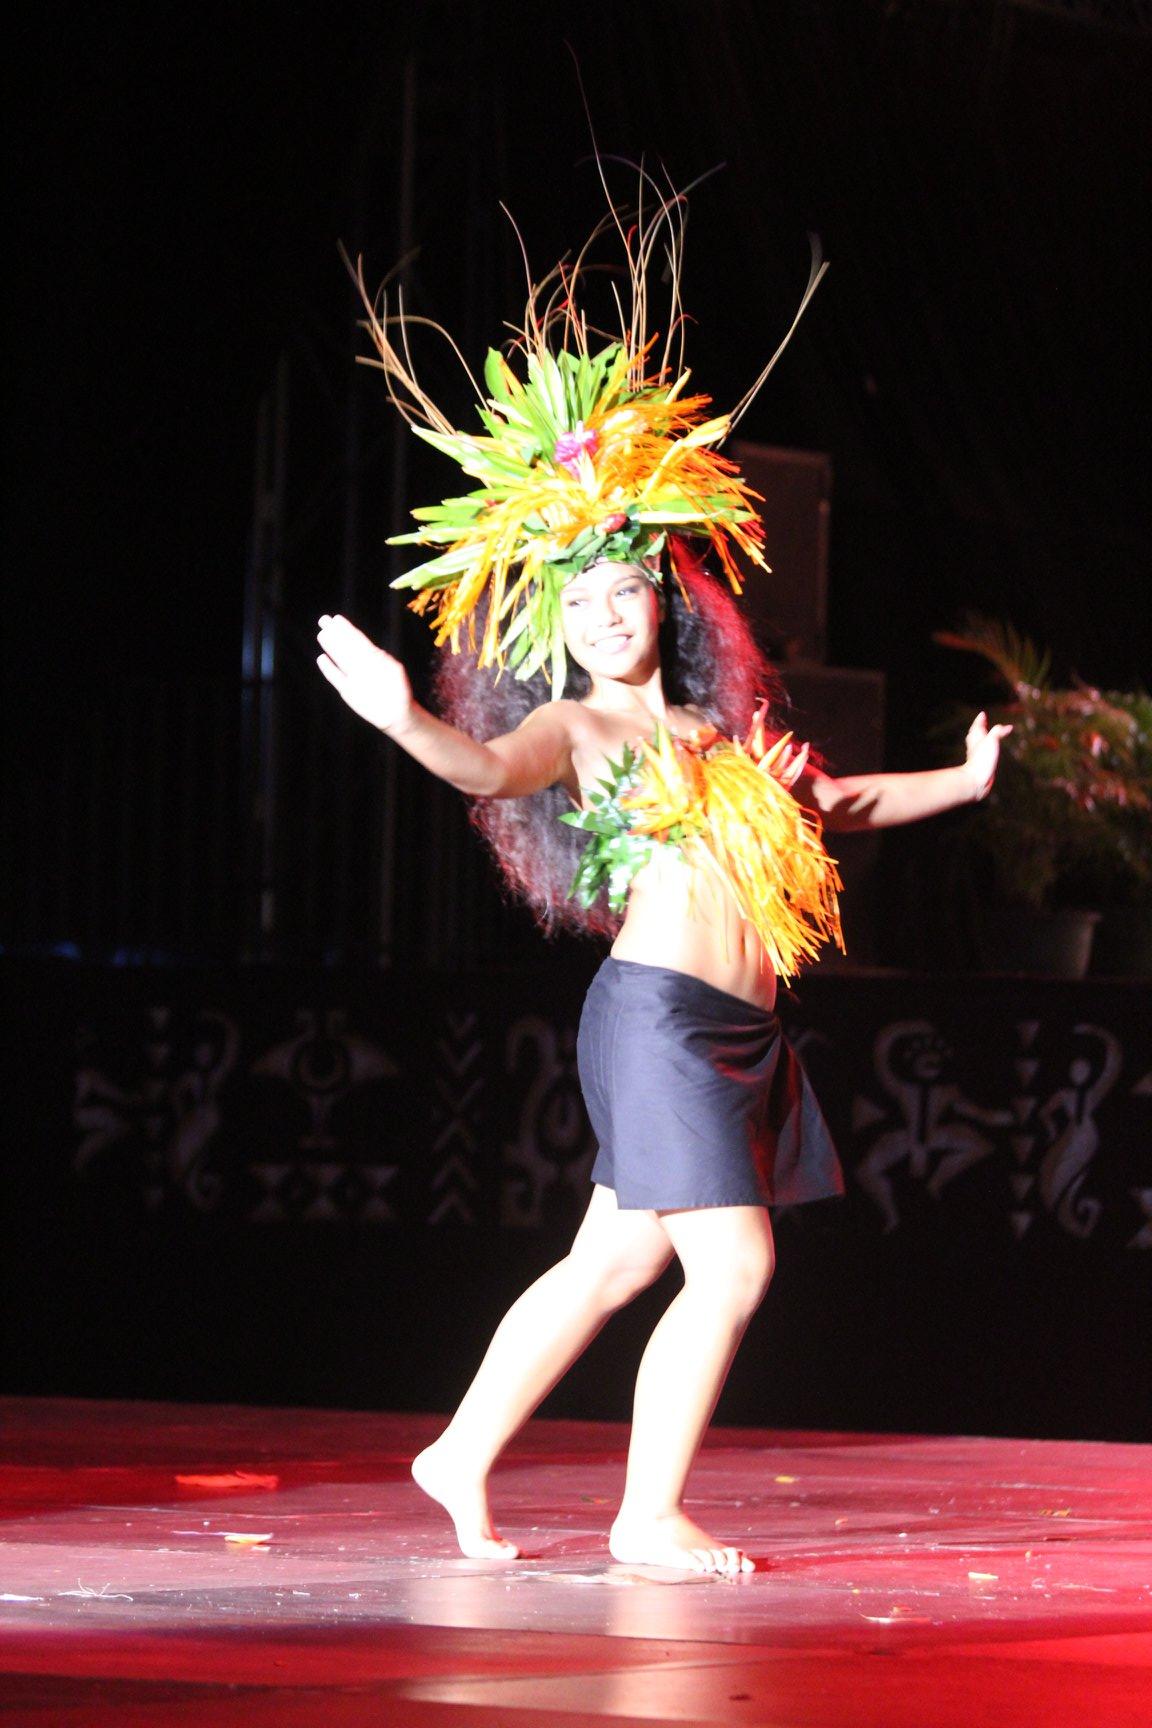 Hereiti Tixier du collège de Tipaerui repart avec le titre de la meilleure danseuse.